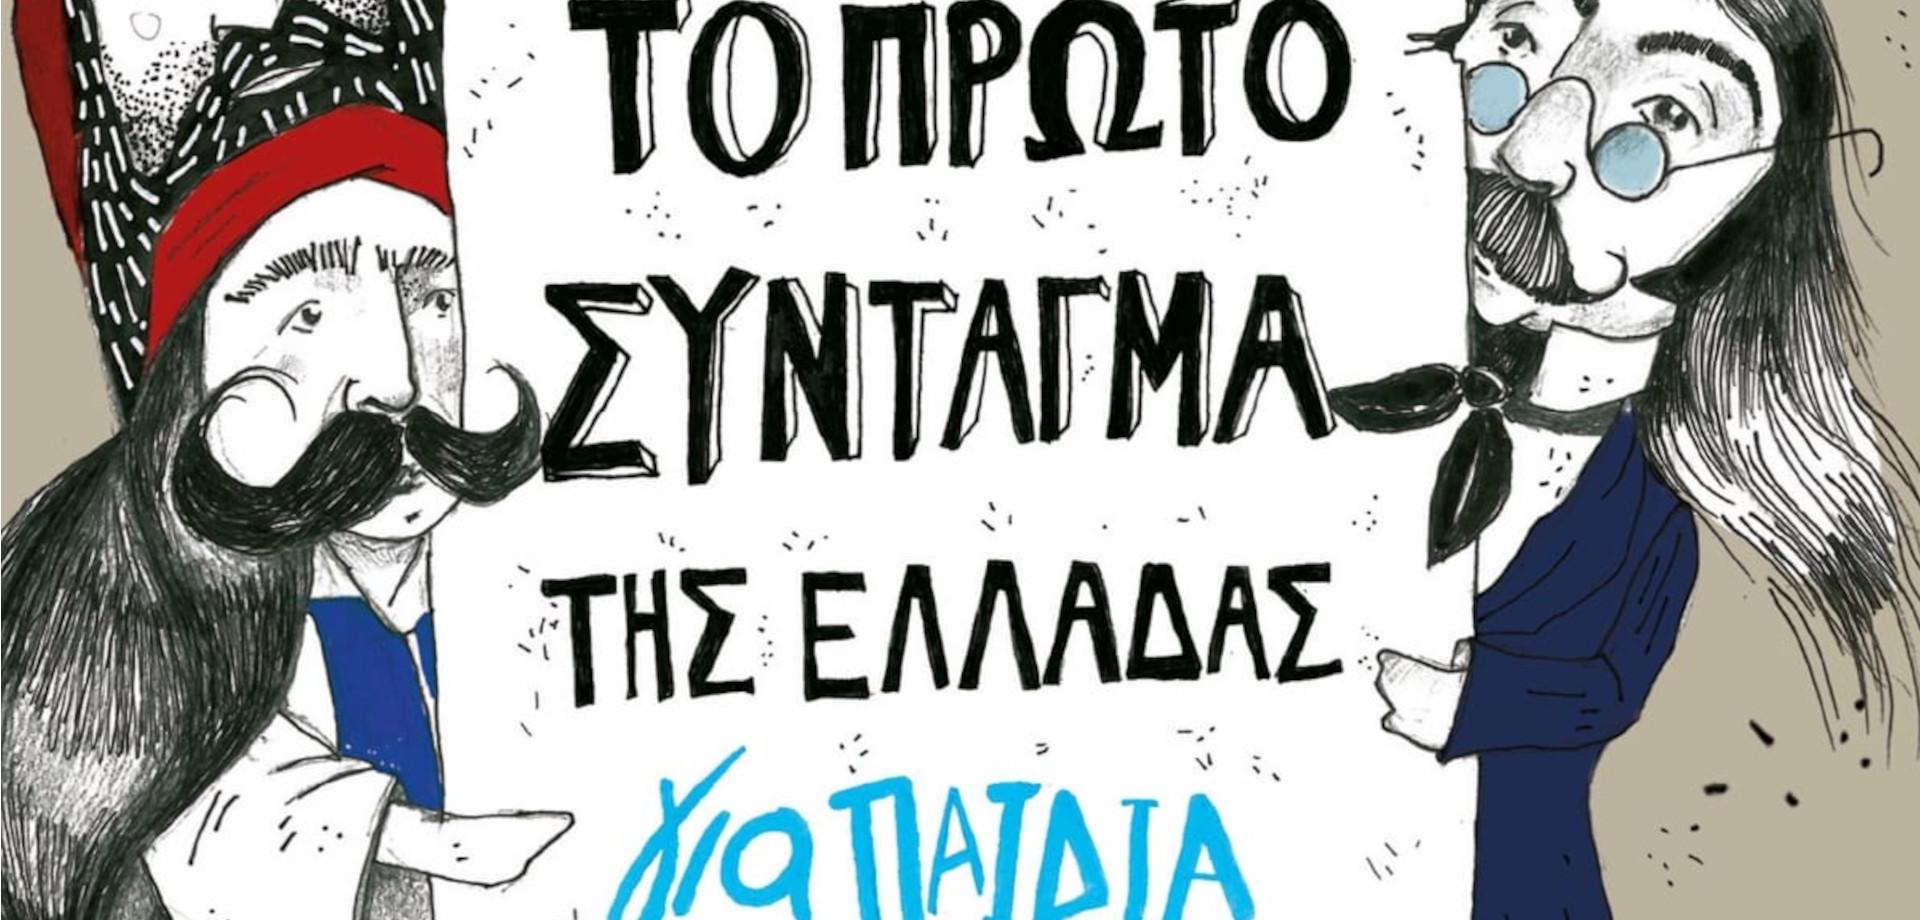 Γιορτάζουμε την Eλληνική Eπανάσταση